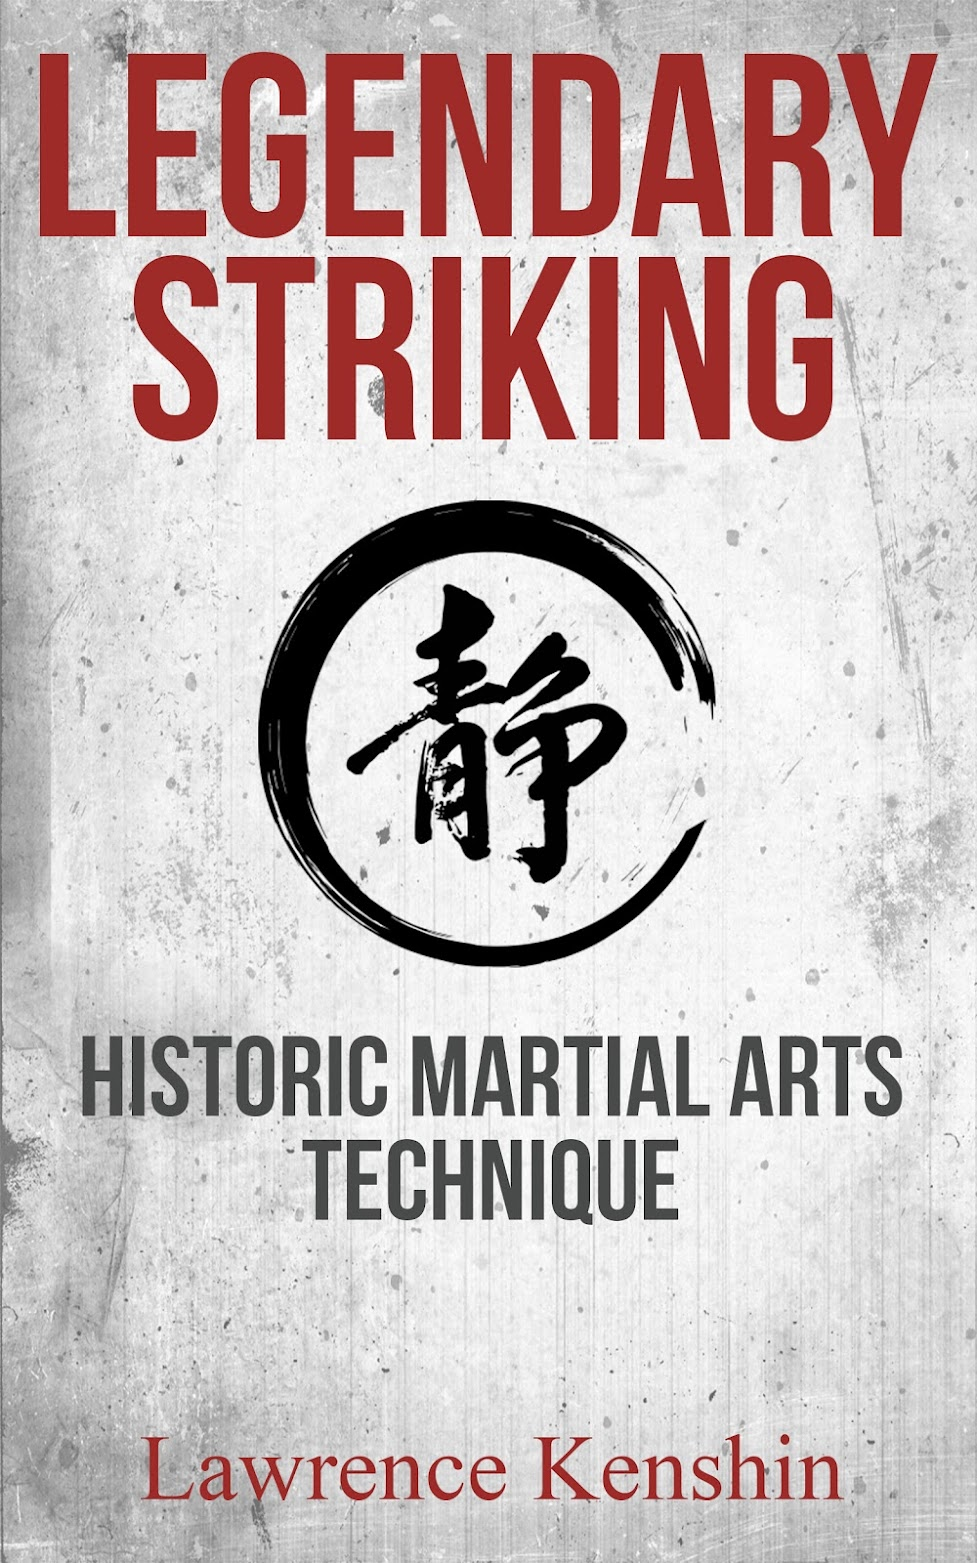 Legendary Striking Technique